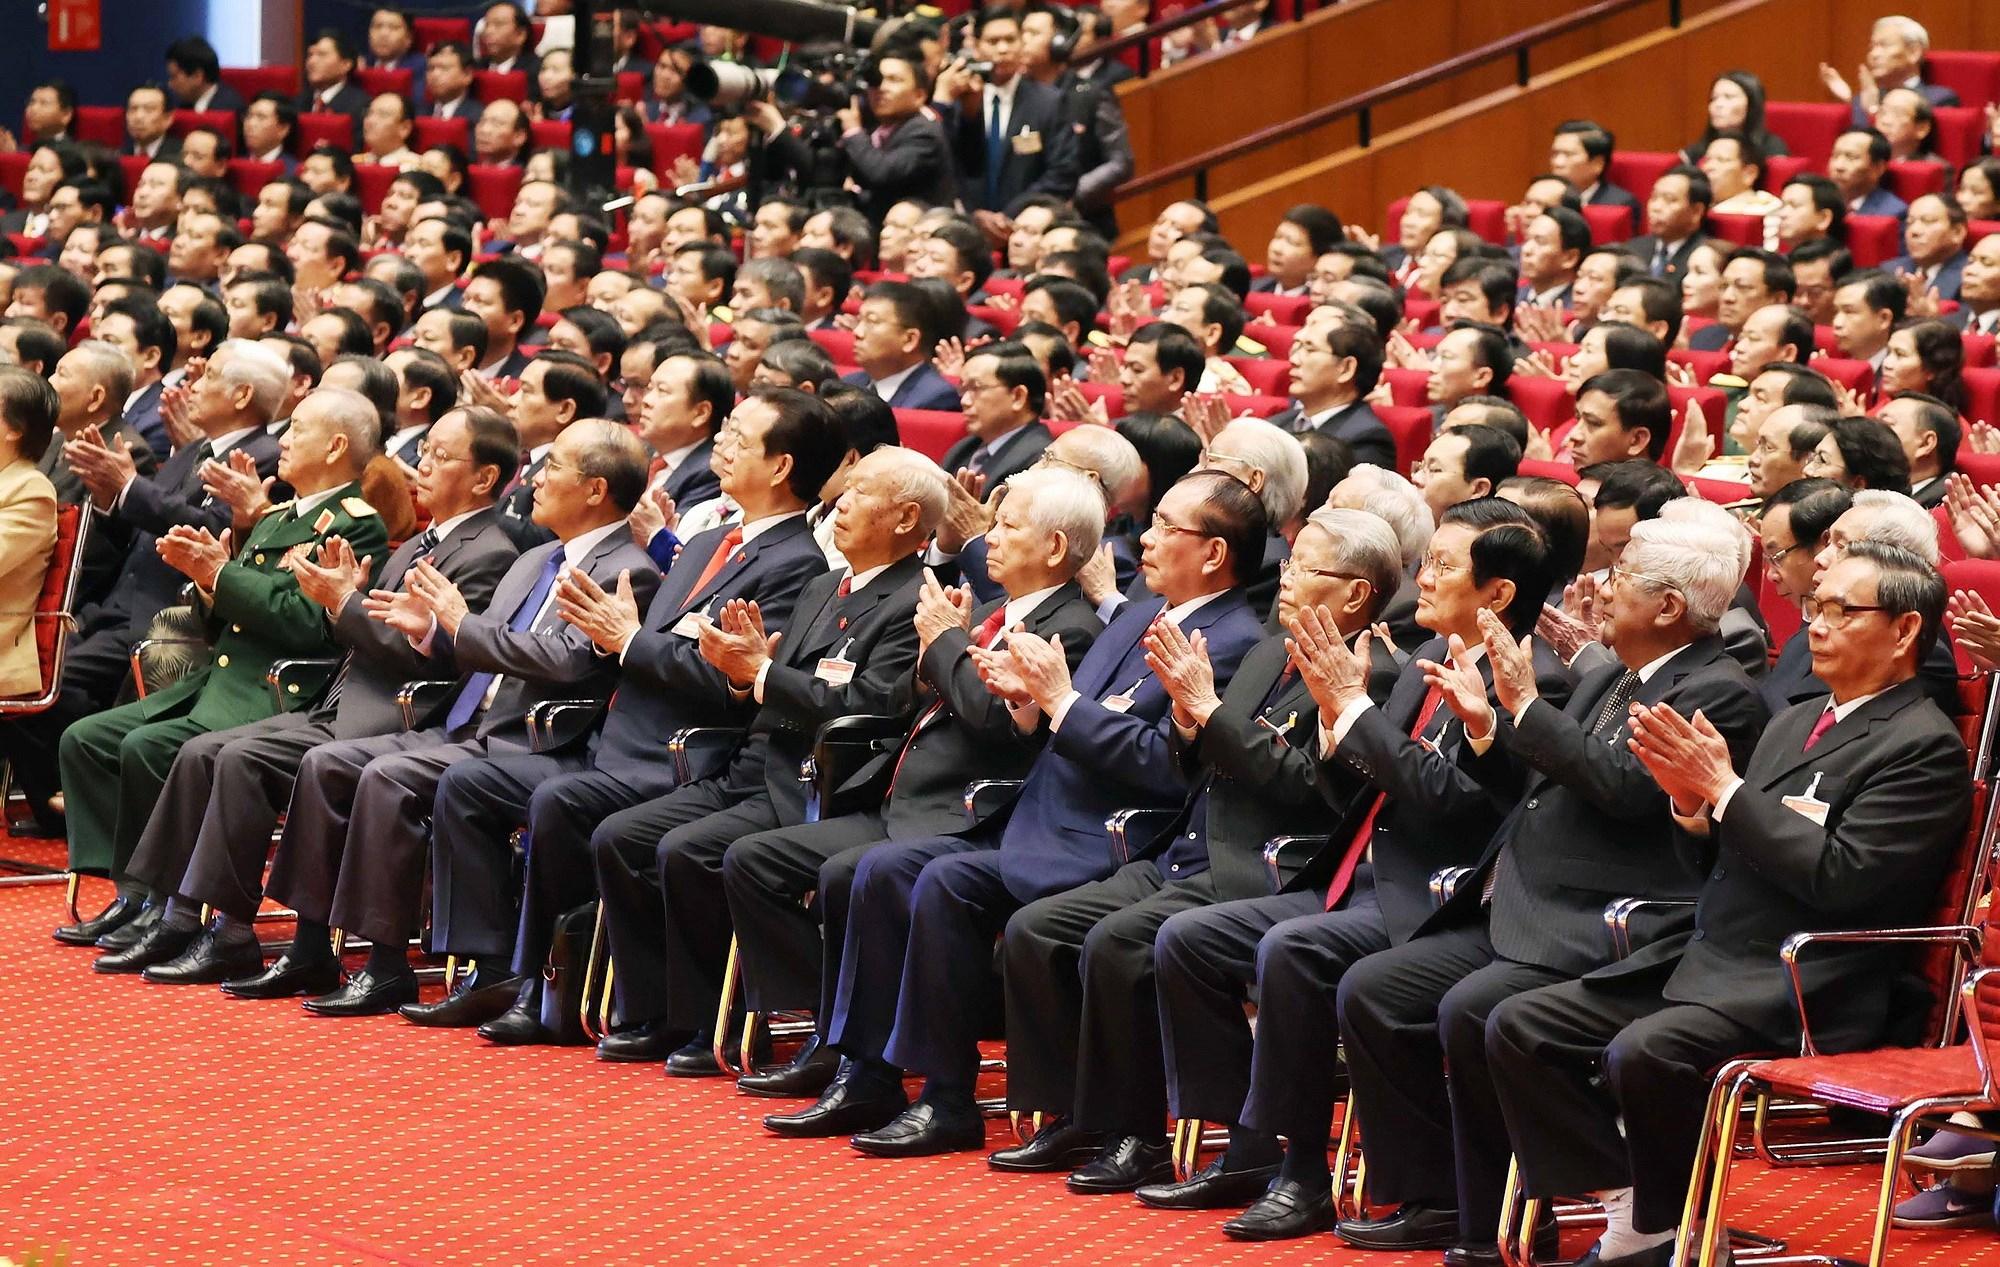 Các đồng chí Lãnh đạo, nguyên Lãnh đạo Đảng, Nhà nước và đại biểu dự phiên khai mạc Đại hội